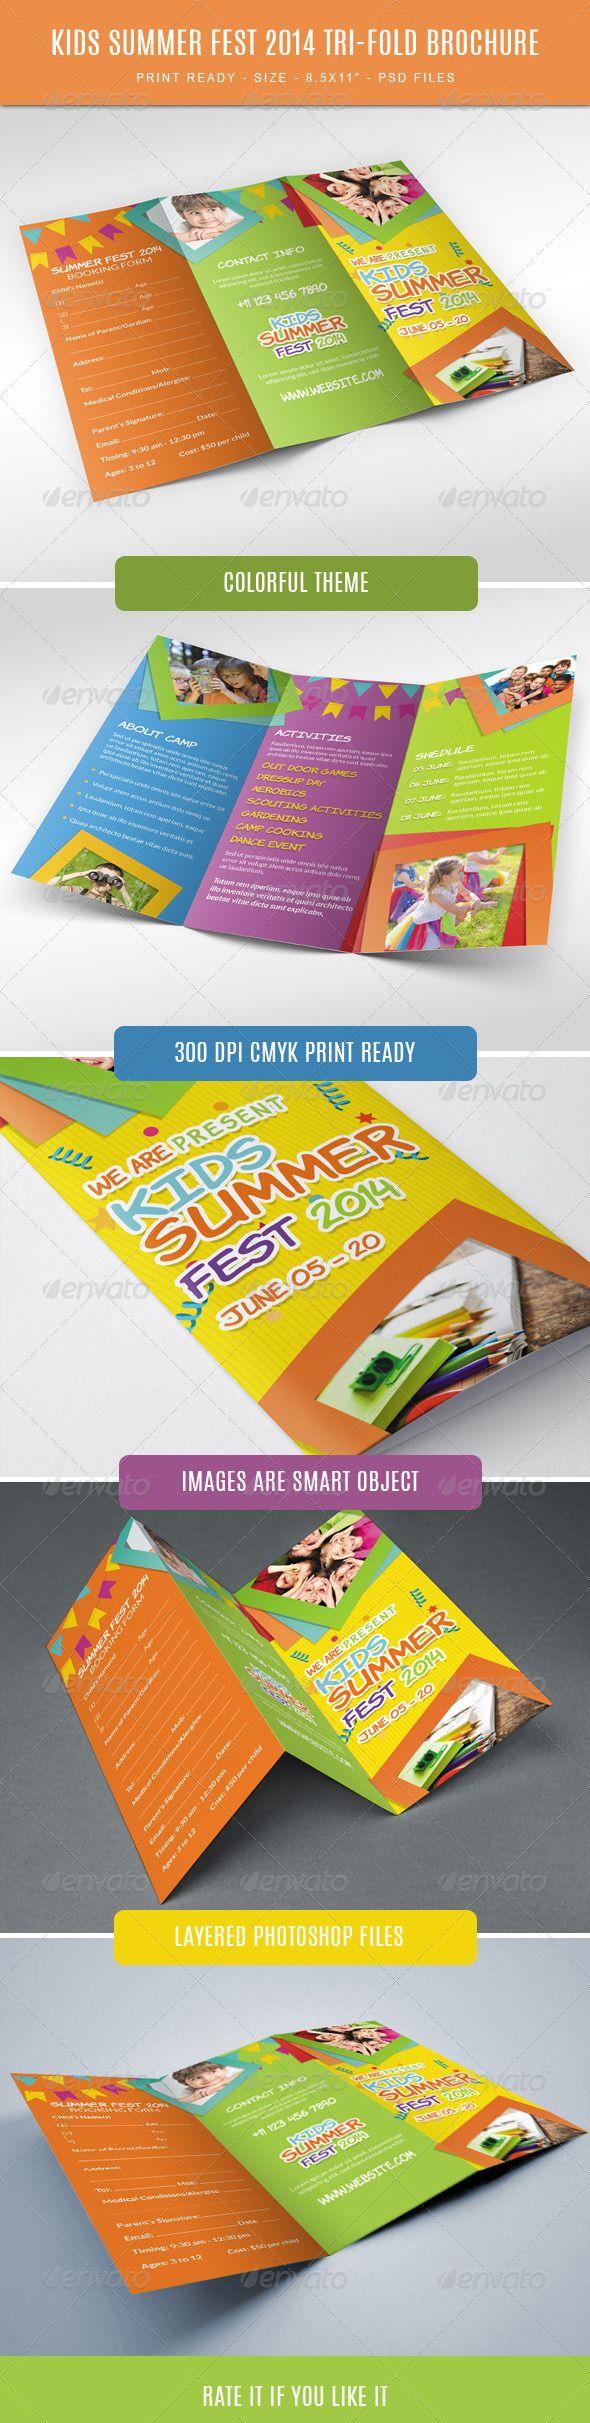 11 best design for kids images on pinterest brochure template